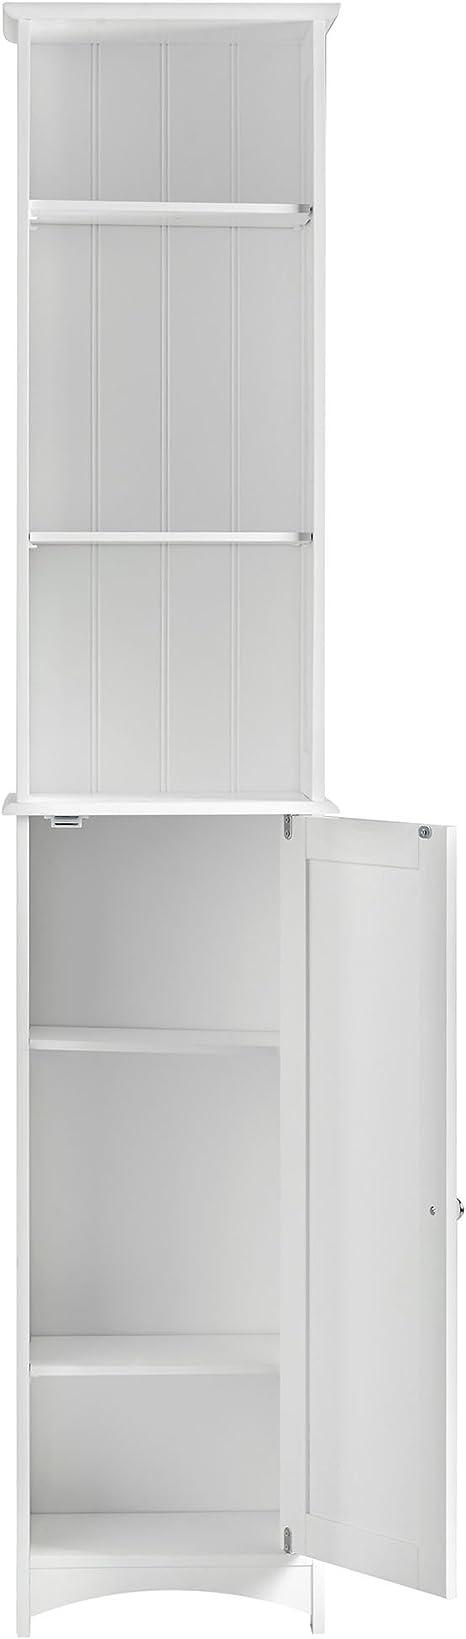 Bianco dispensa in stile coloniale VonHaus armadietto alto per il bagno